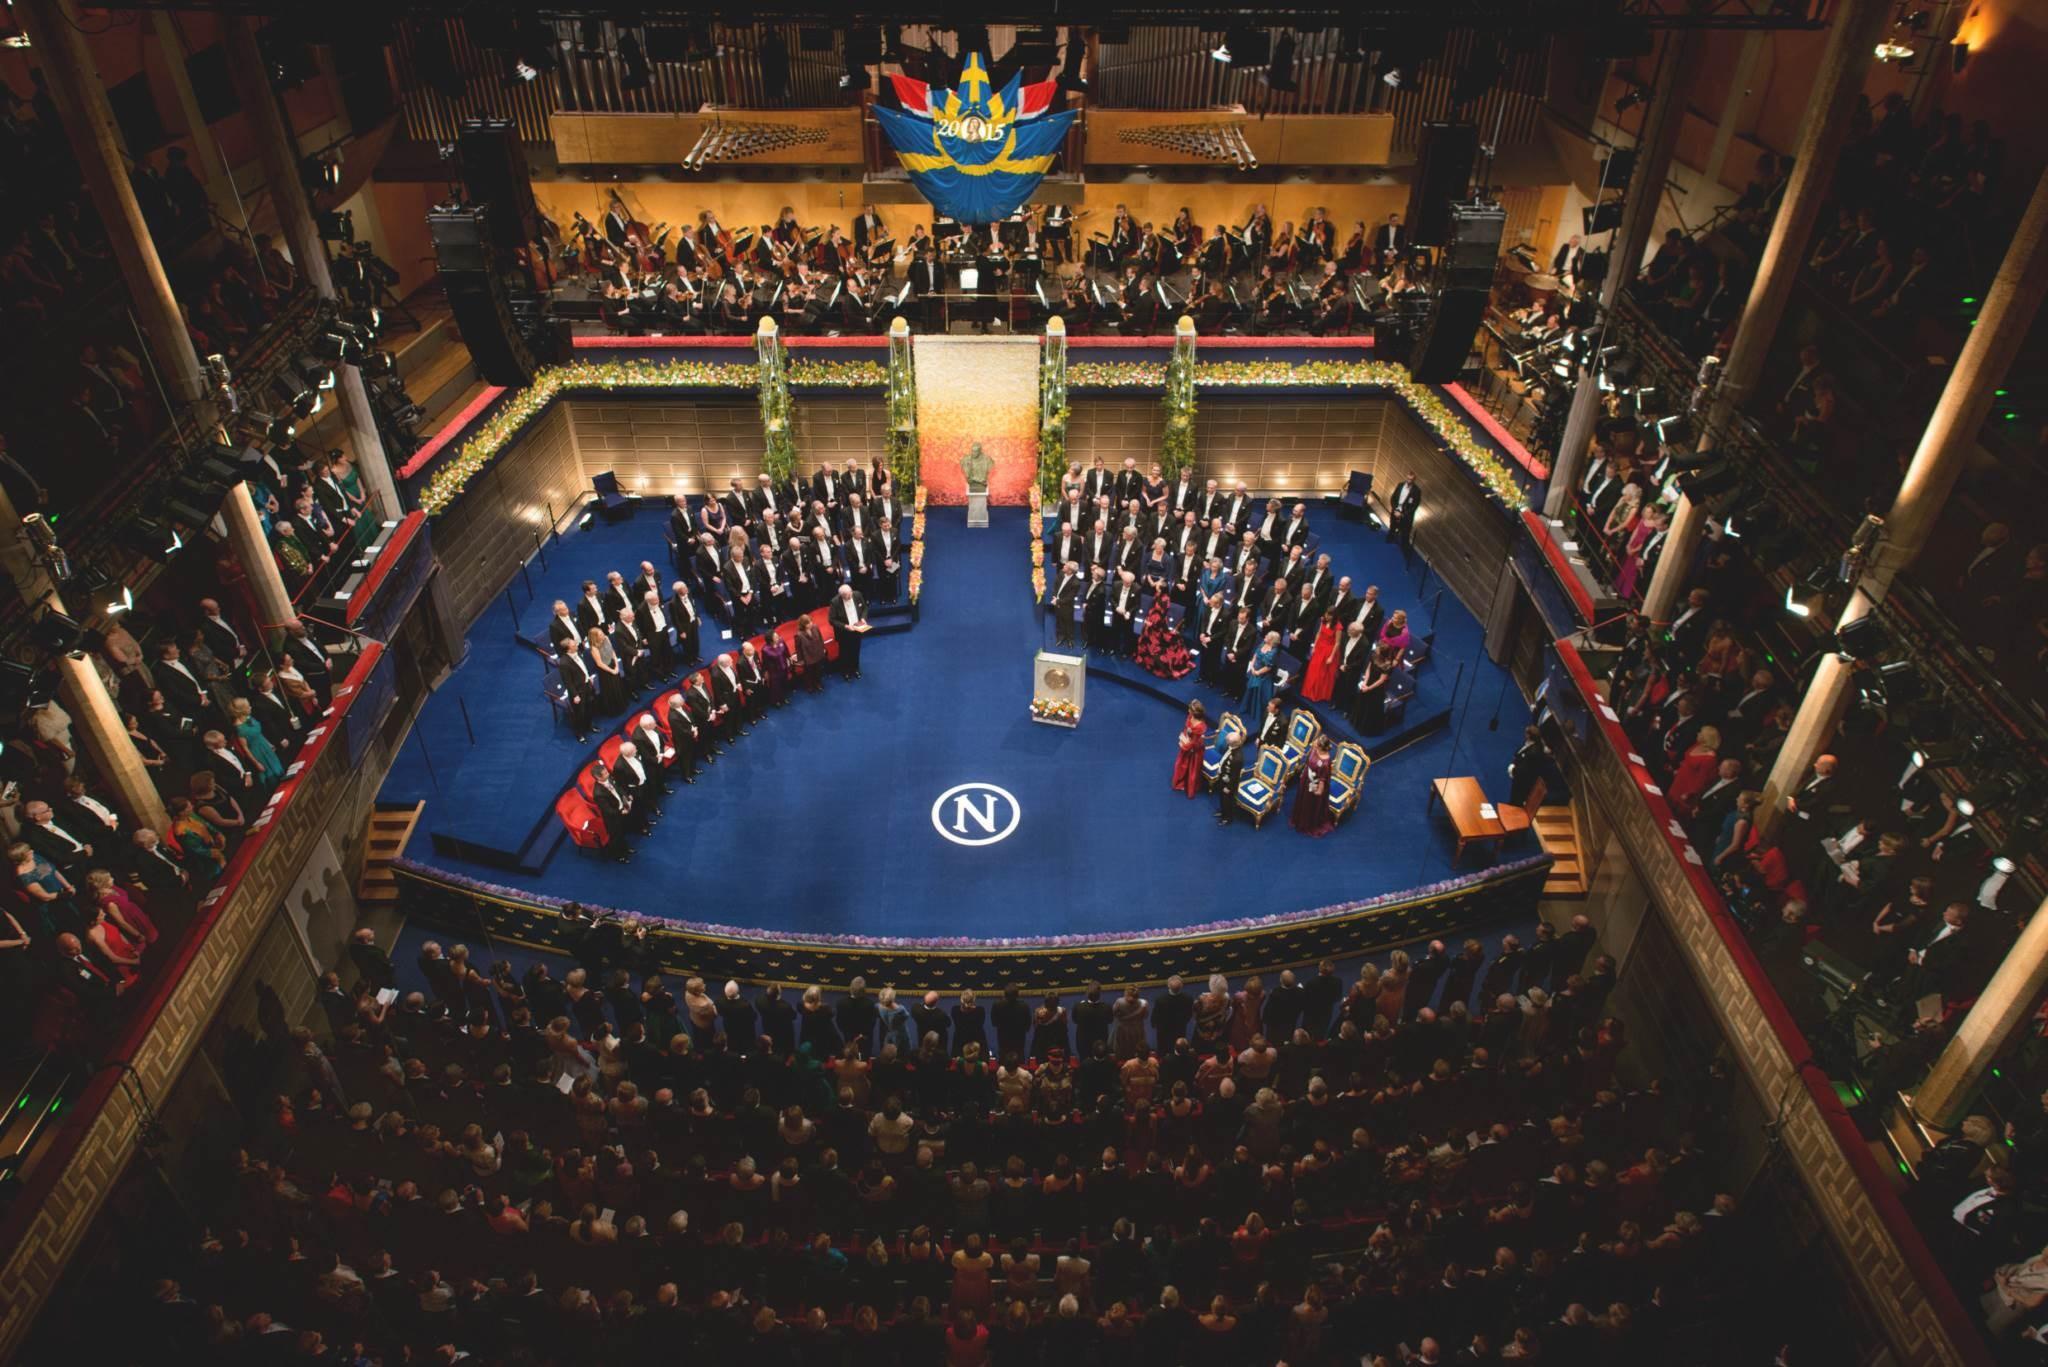 مدير مؤسسة نوبل: إنها سنة خاصة جداً وعلى كل واحد منا أن يقدّم تضحيات ويتكيف مع الظروف الجديدة